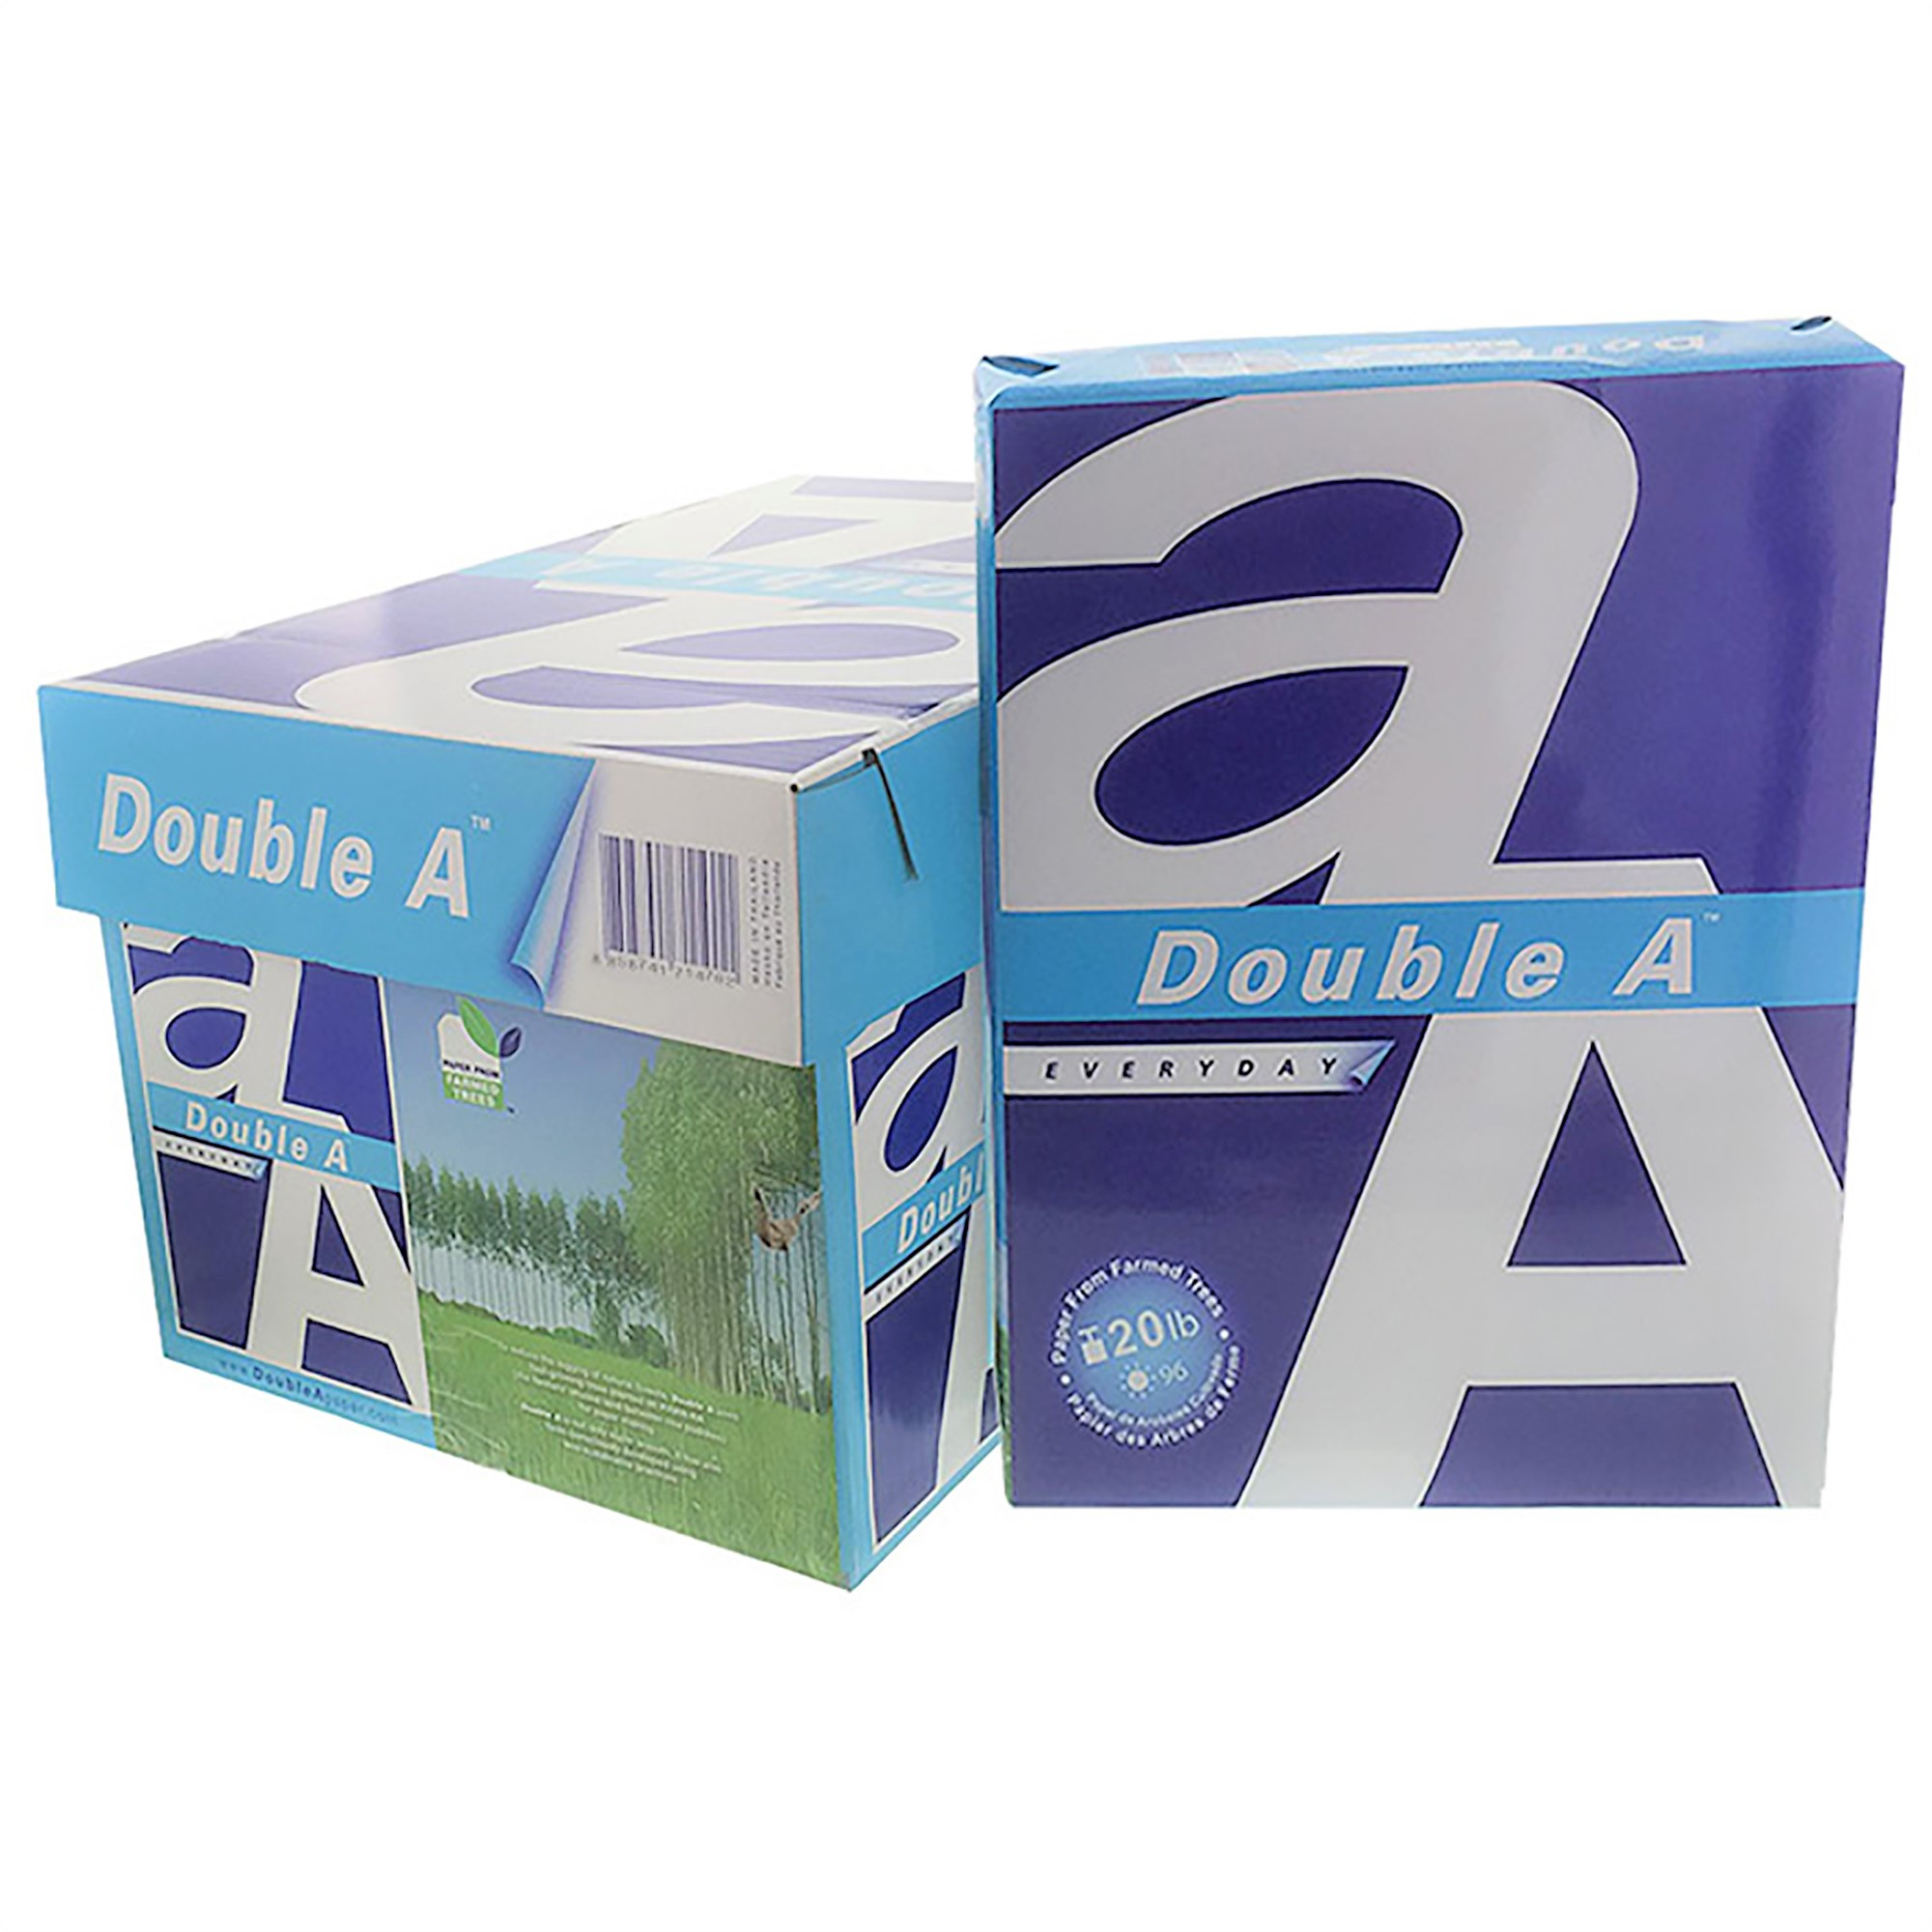 DOUBLE A (96) 11″ X 17″ Ledger Size Copy Paper (5 Reams/Case)